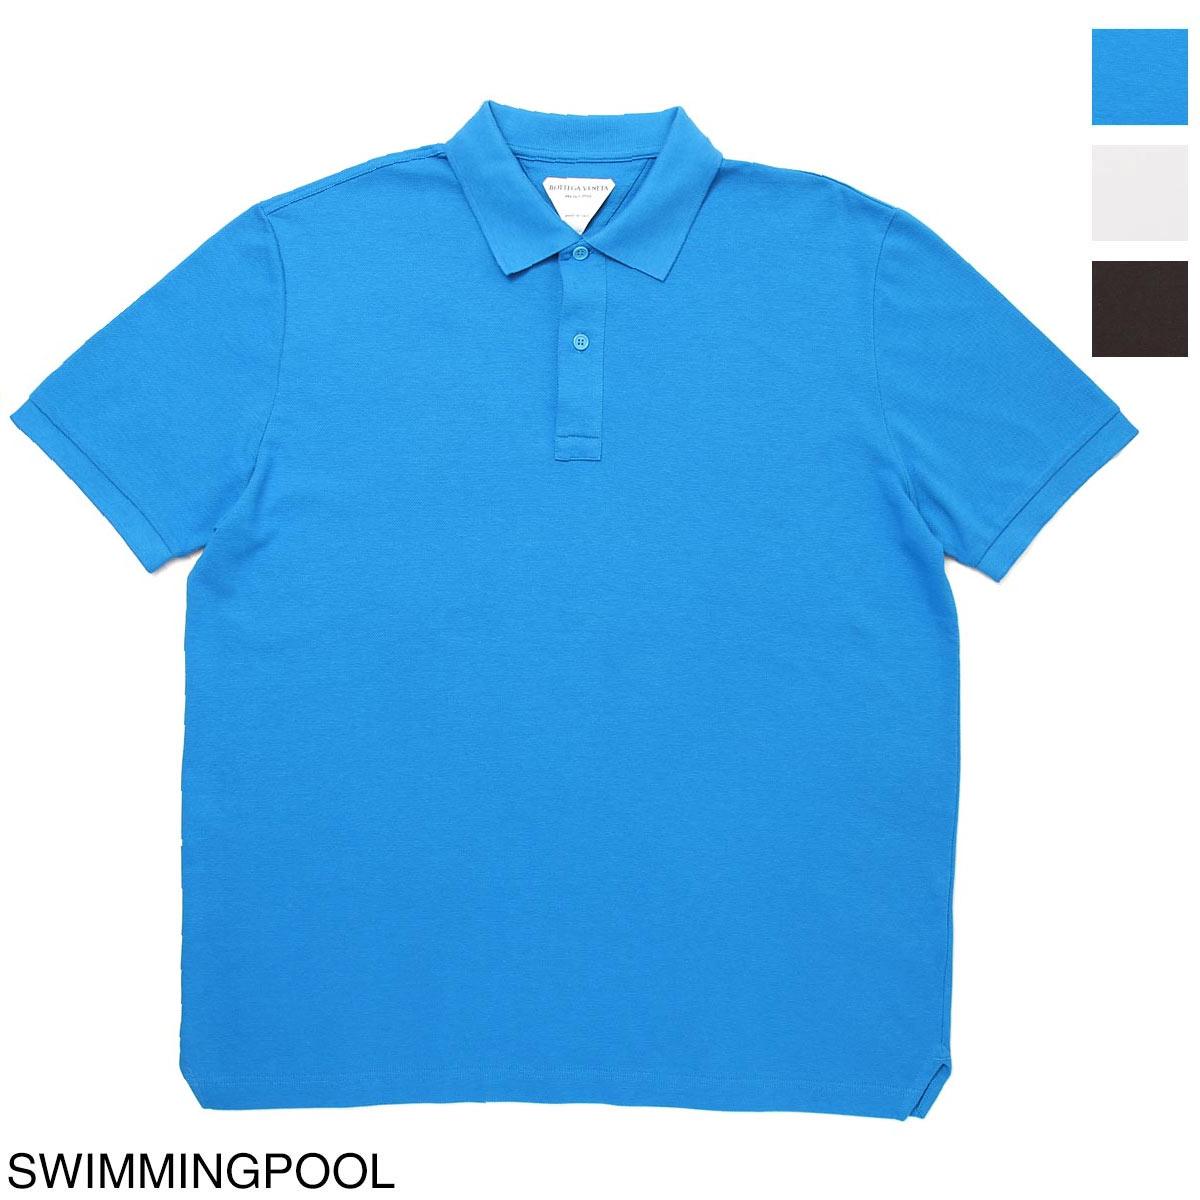 トップス, ポロシャツ 519 9:593OFF BOTTEGA VENETA 631006 v01g0 4119 TSHIRT NEW DRY PIQUET